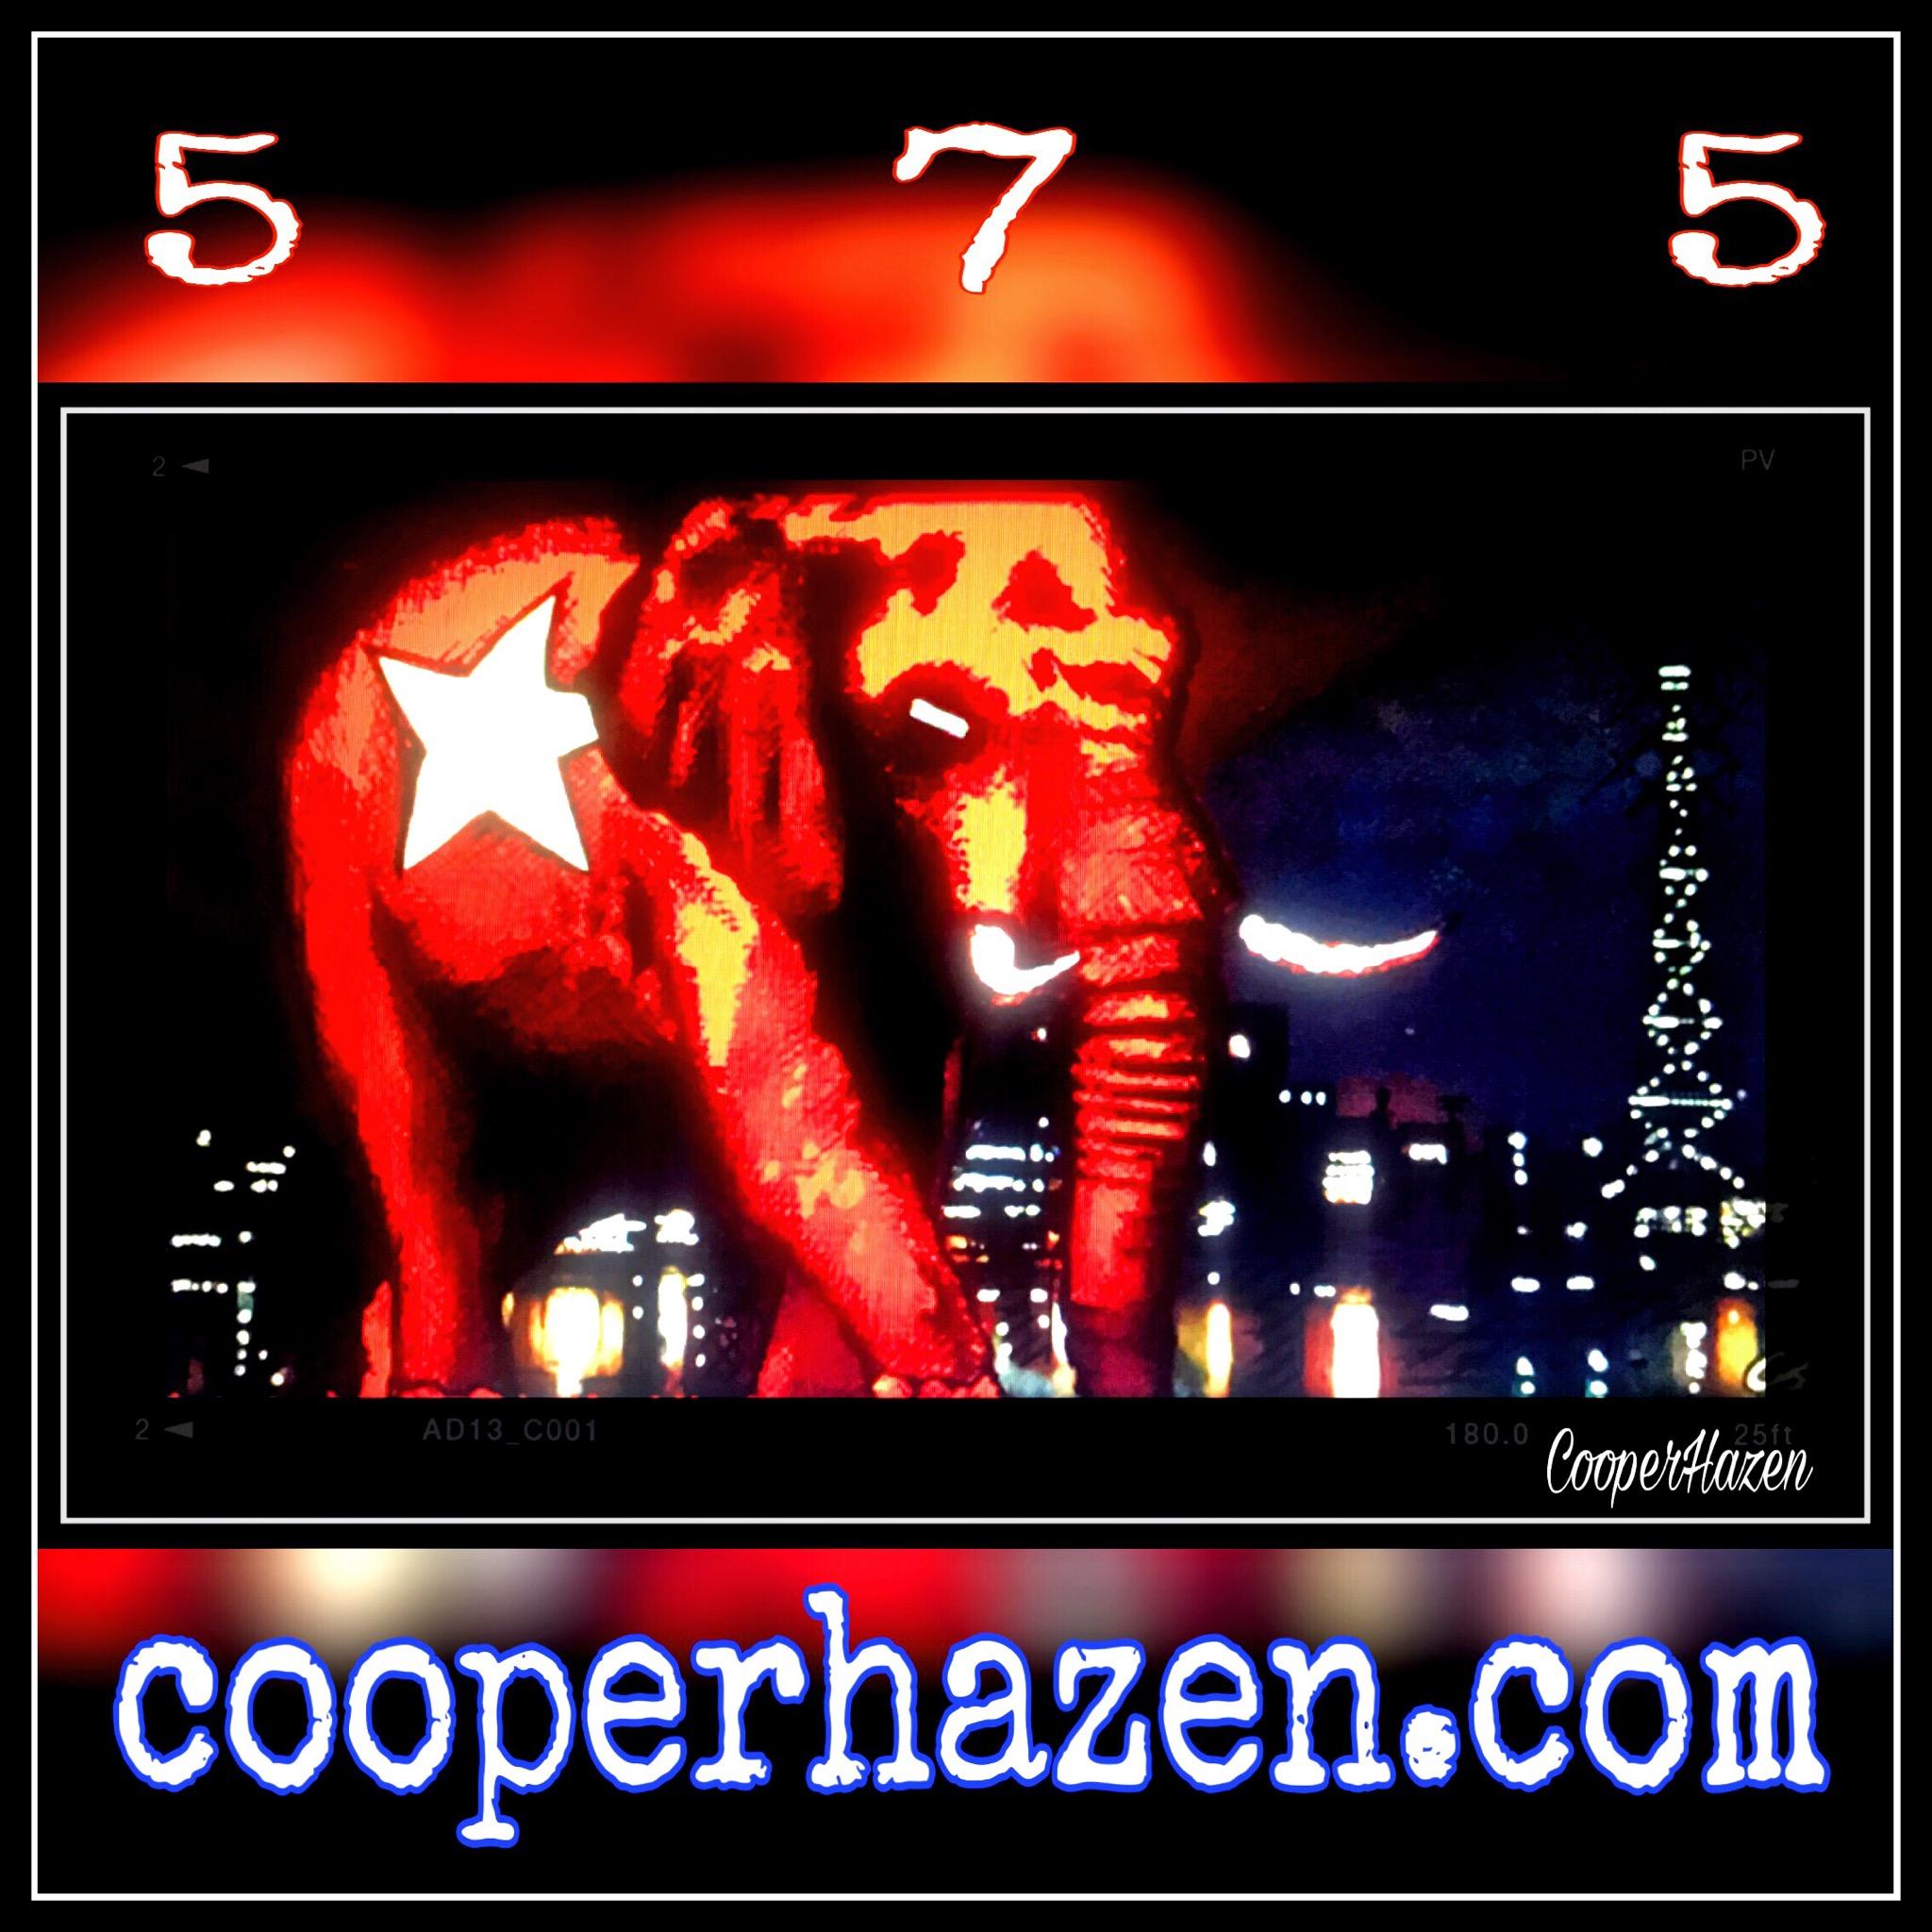 Cooper Hazen